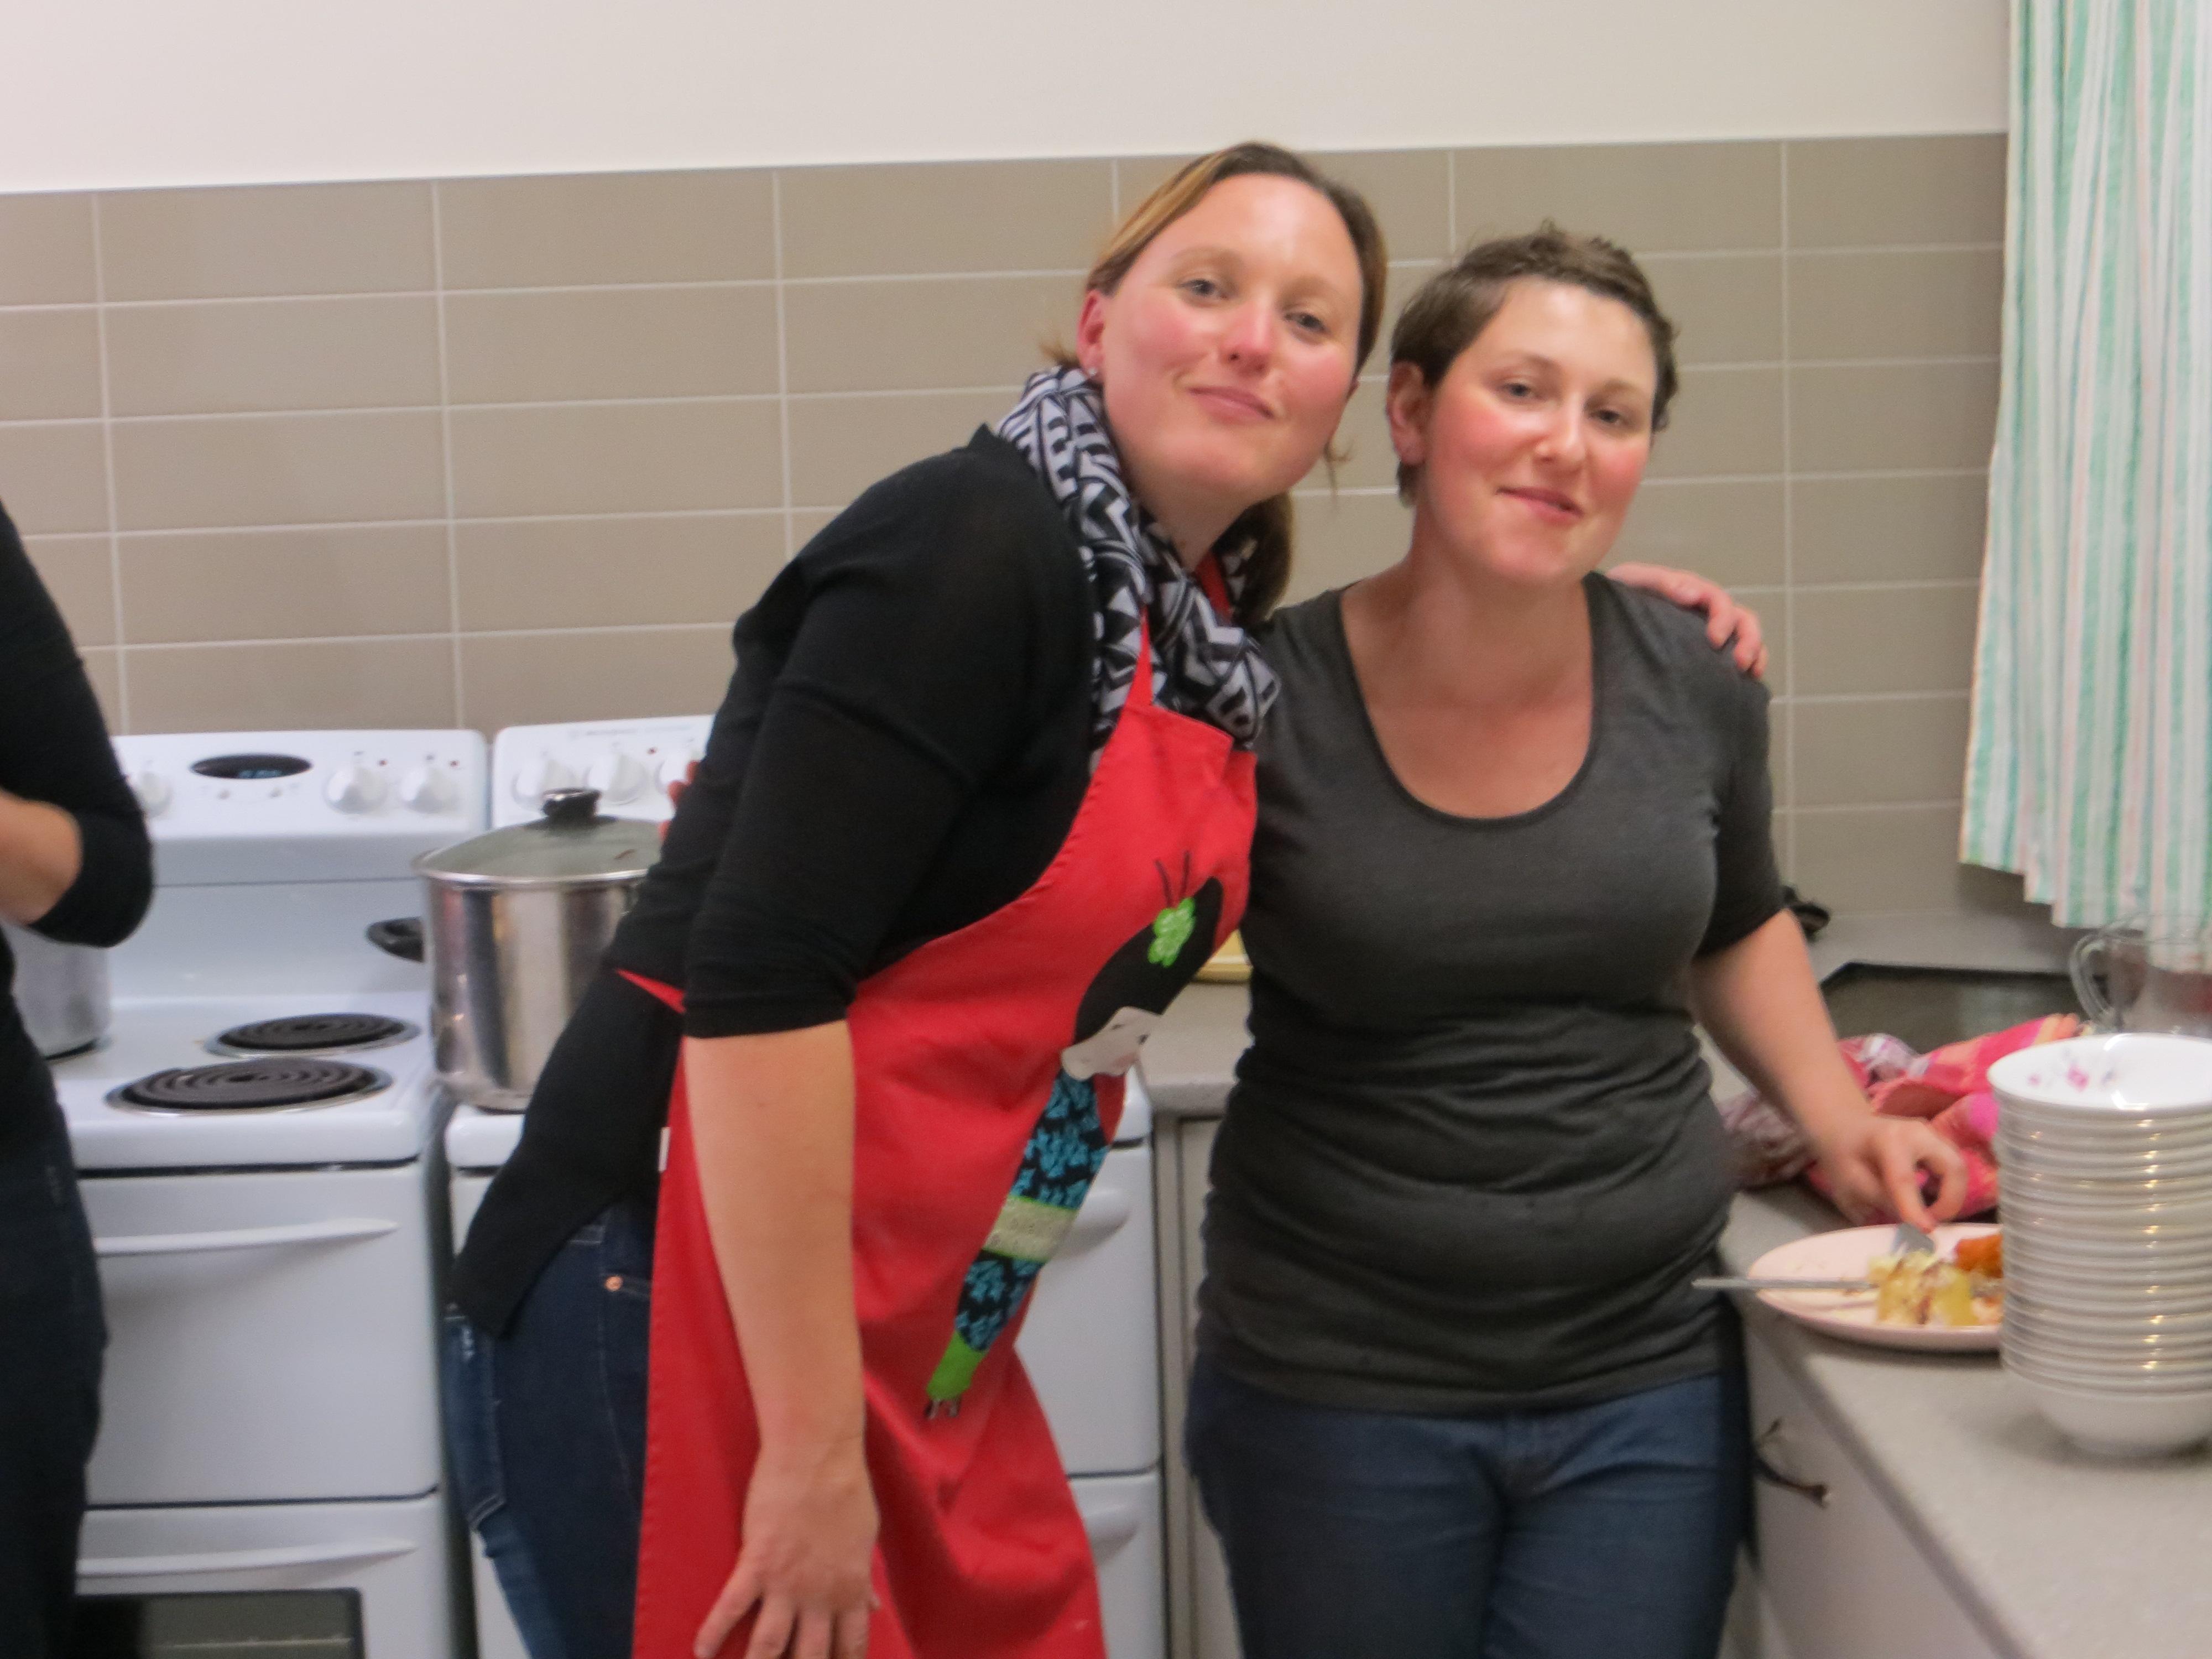 Renee&Wendy